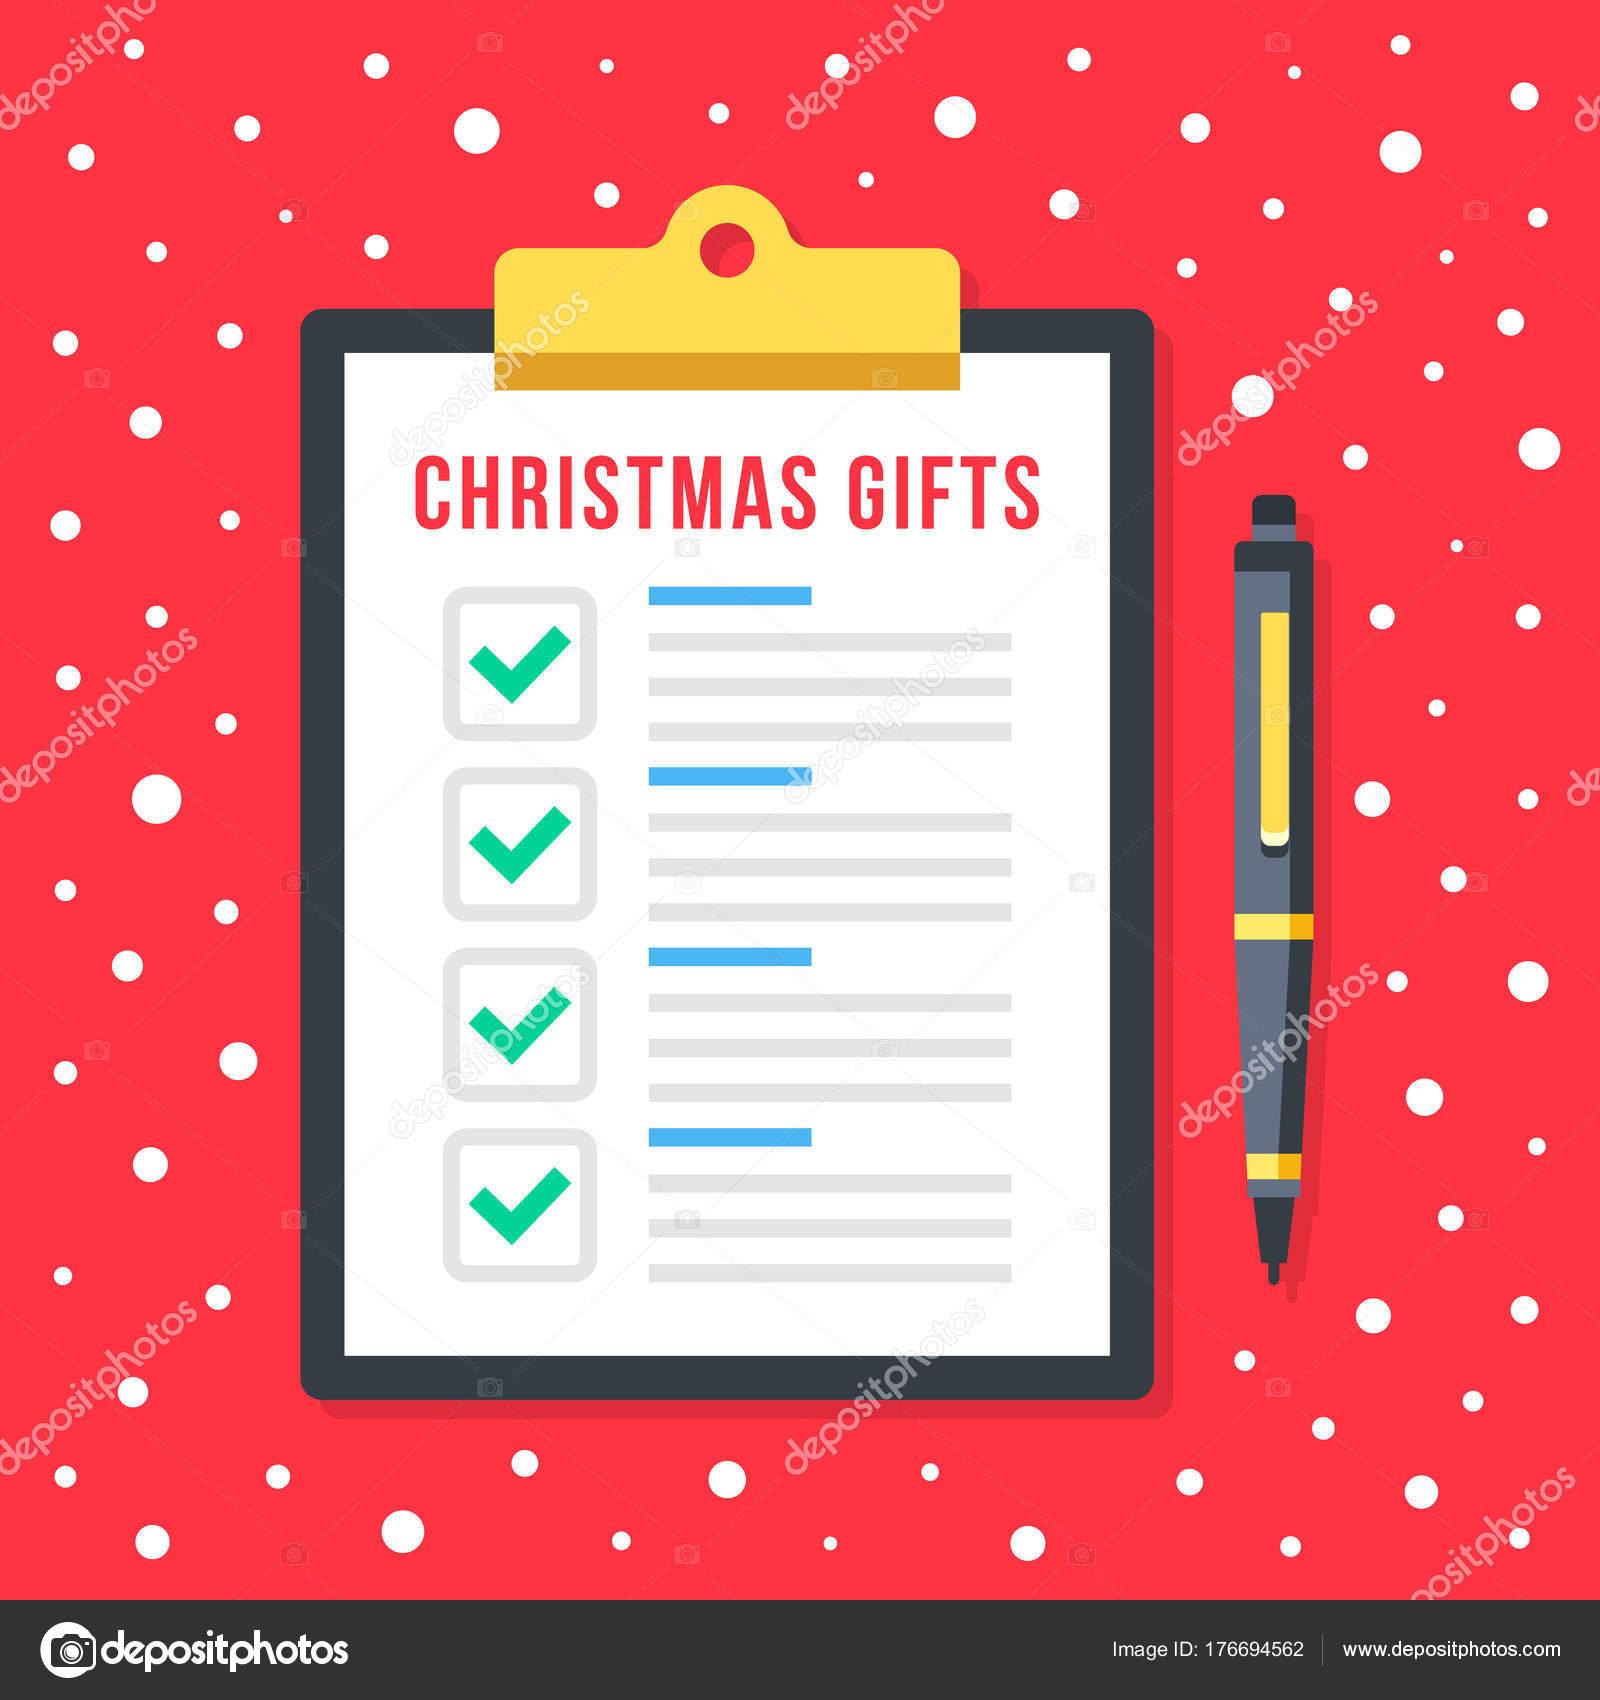 Lista Regali Natale.Lista Regali Natale Appunti Con Lista Controllo Vacanza Doni